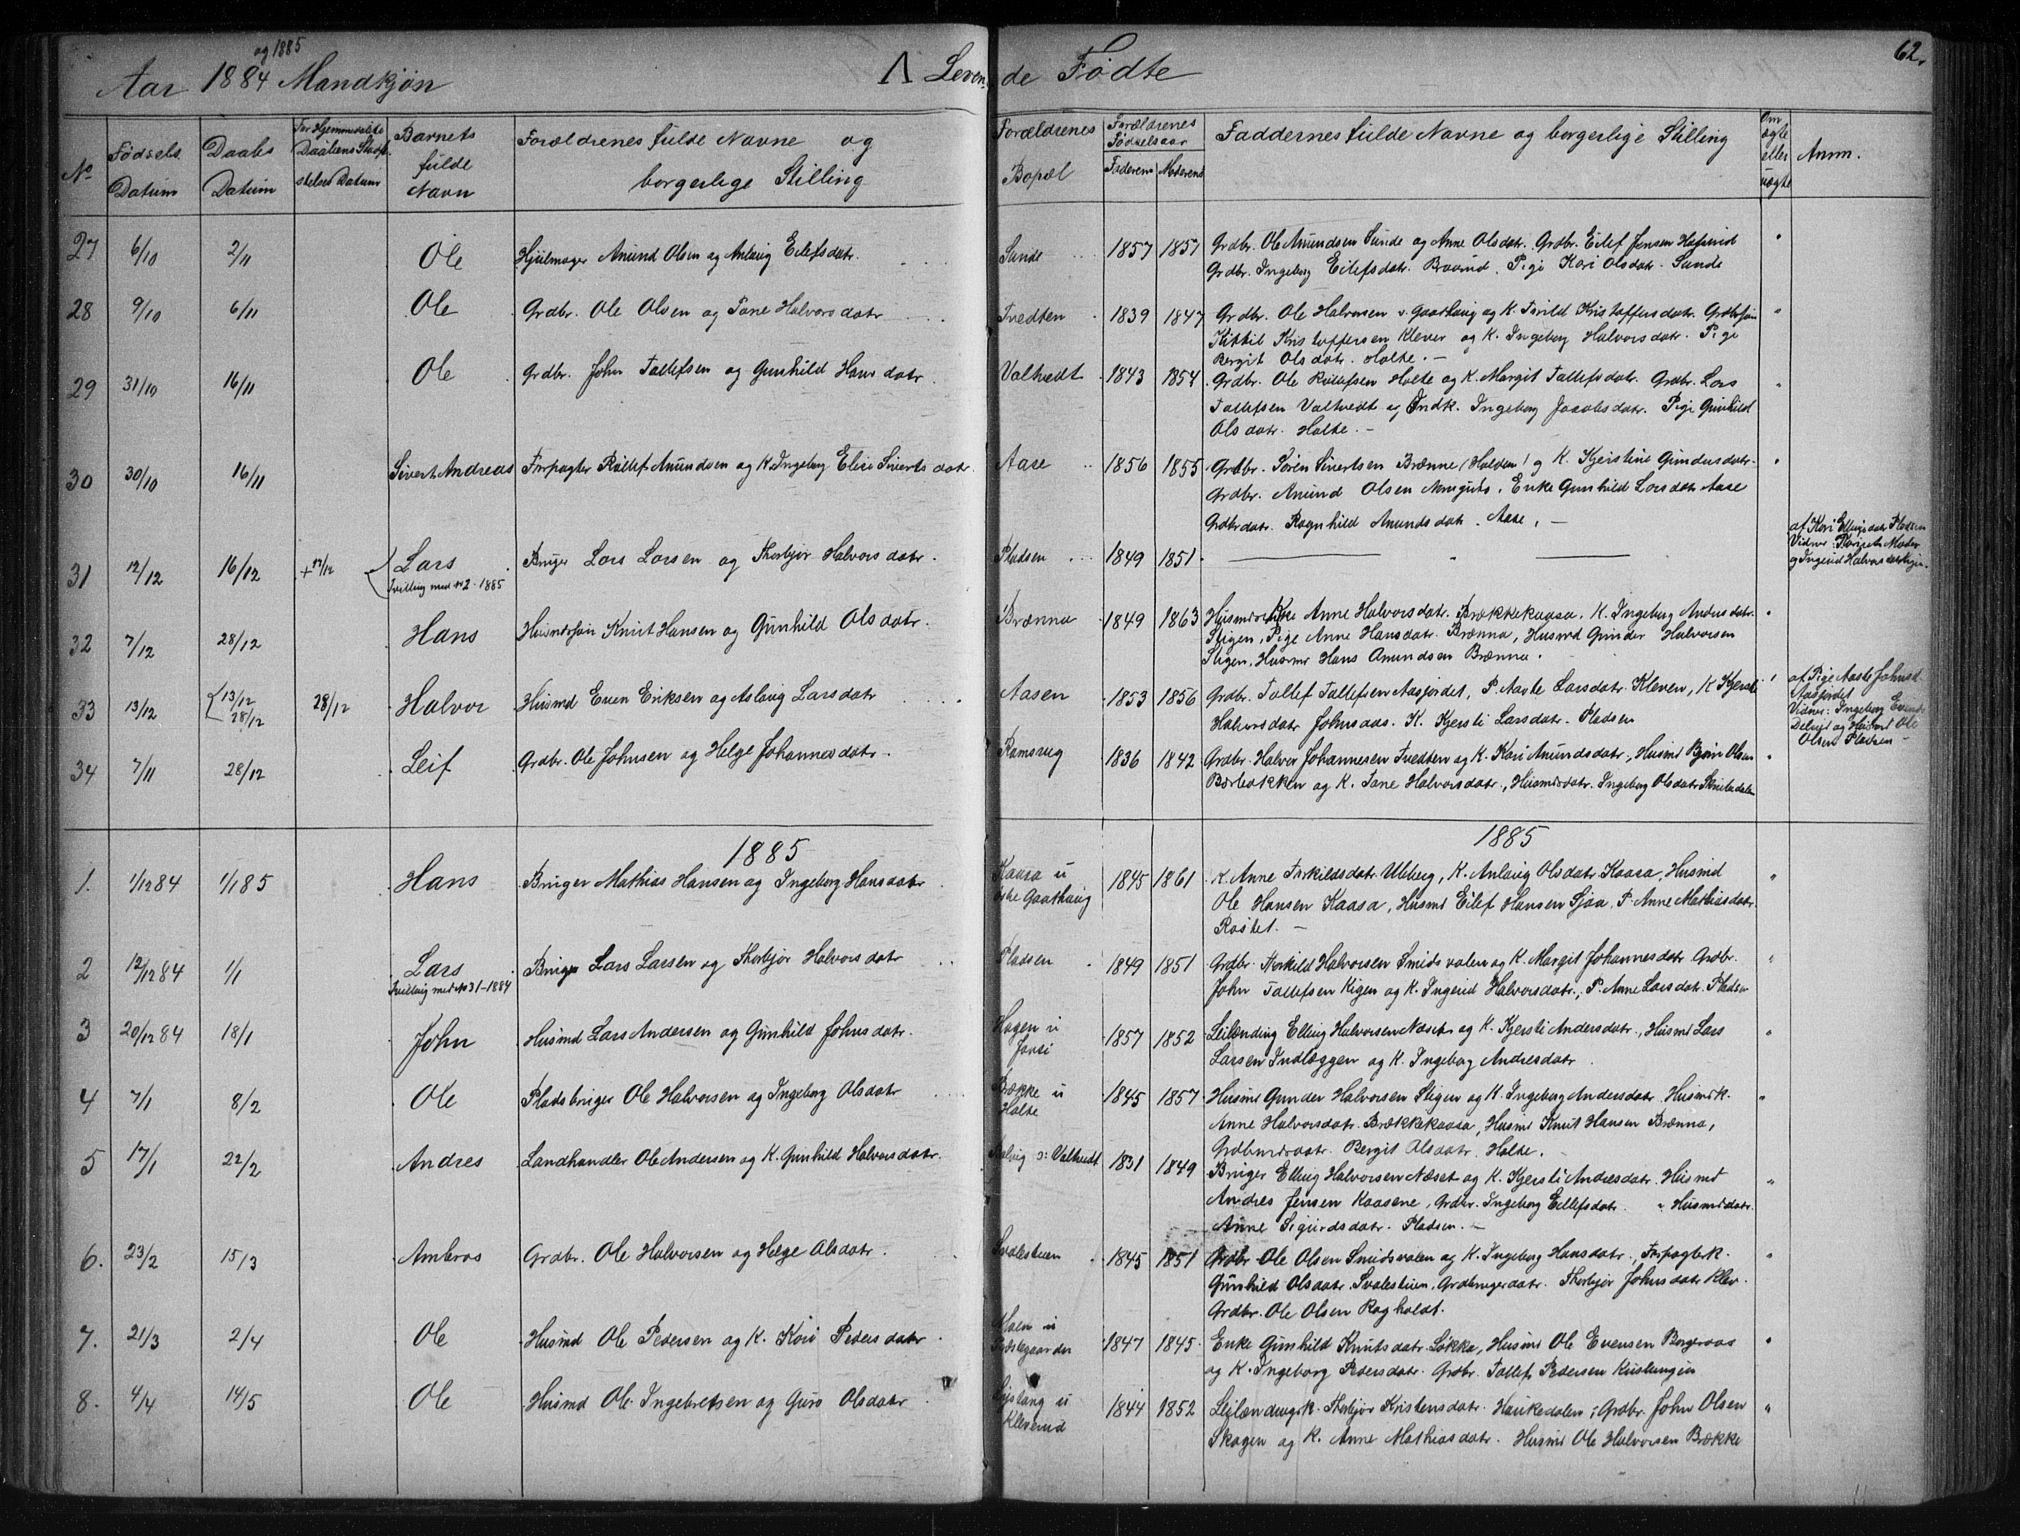 SAKO, Sauherad kirkebøker, G/Ga/L0003: Klokkerbok nr. I 3, 1866-1905, s. 62